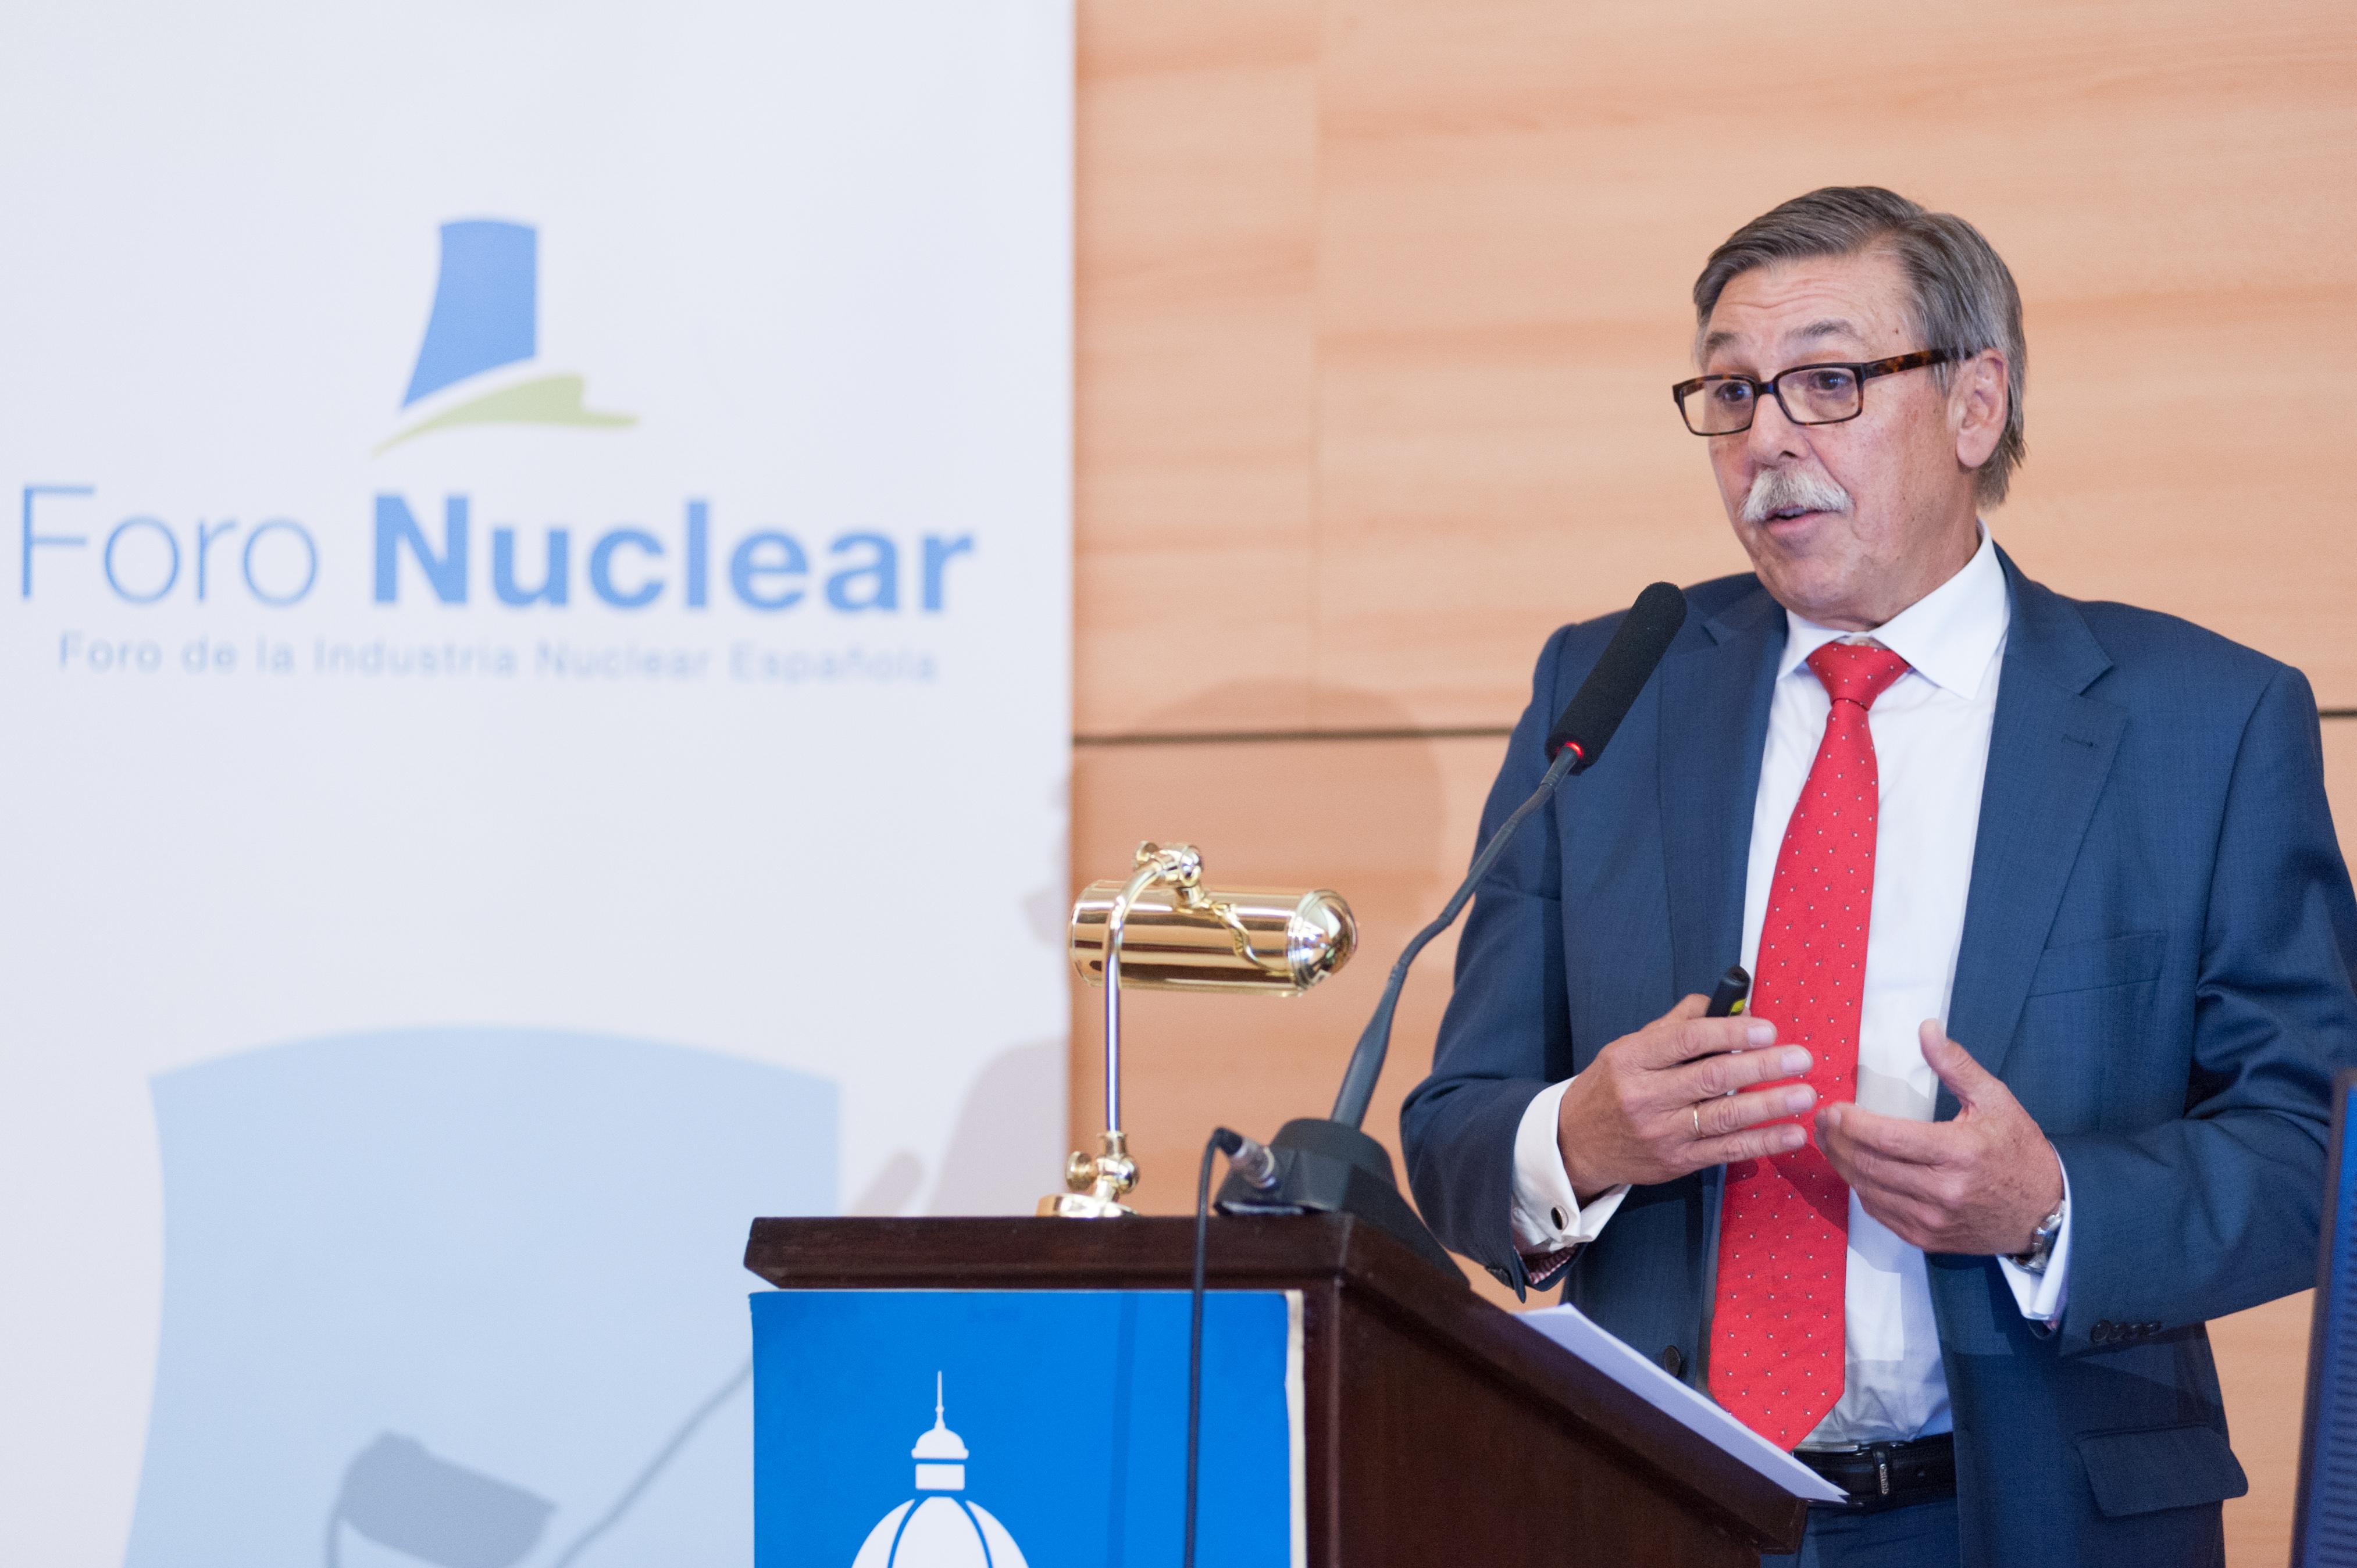 José Miguel Ríos Mitchell